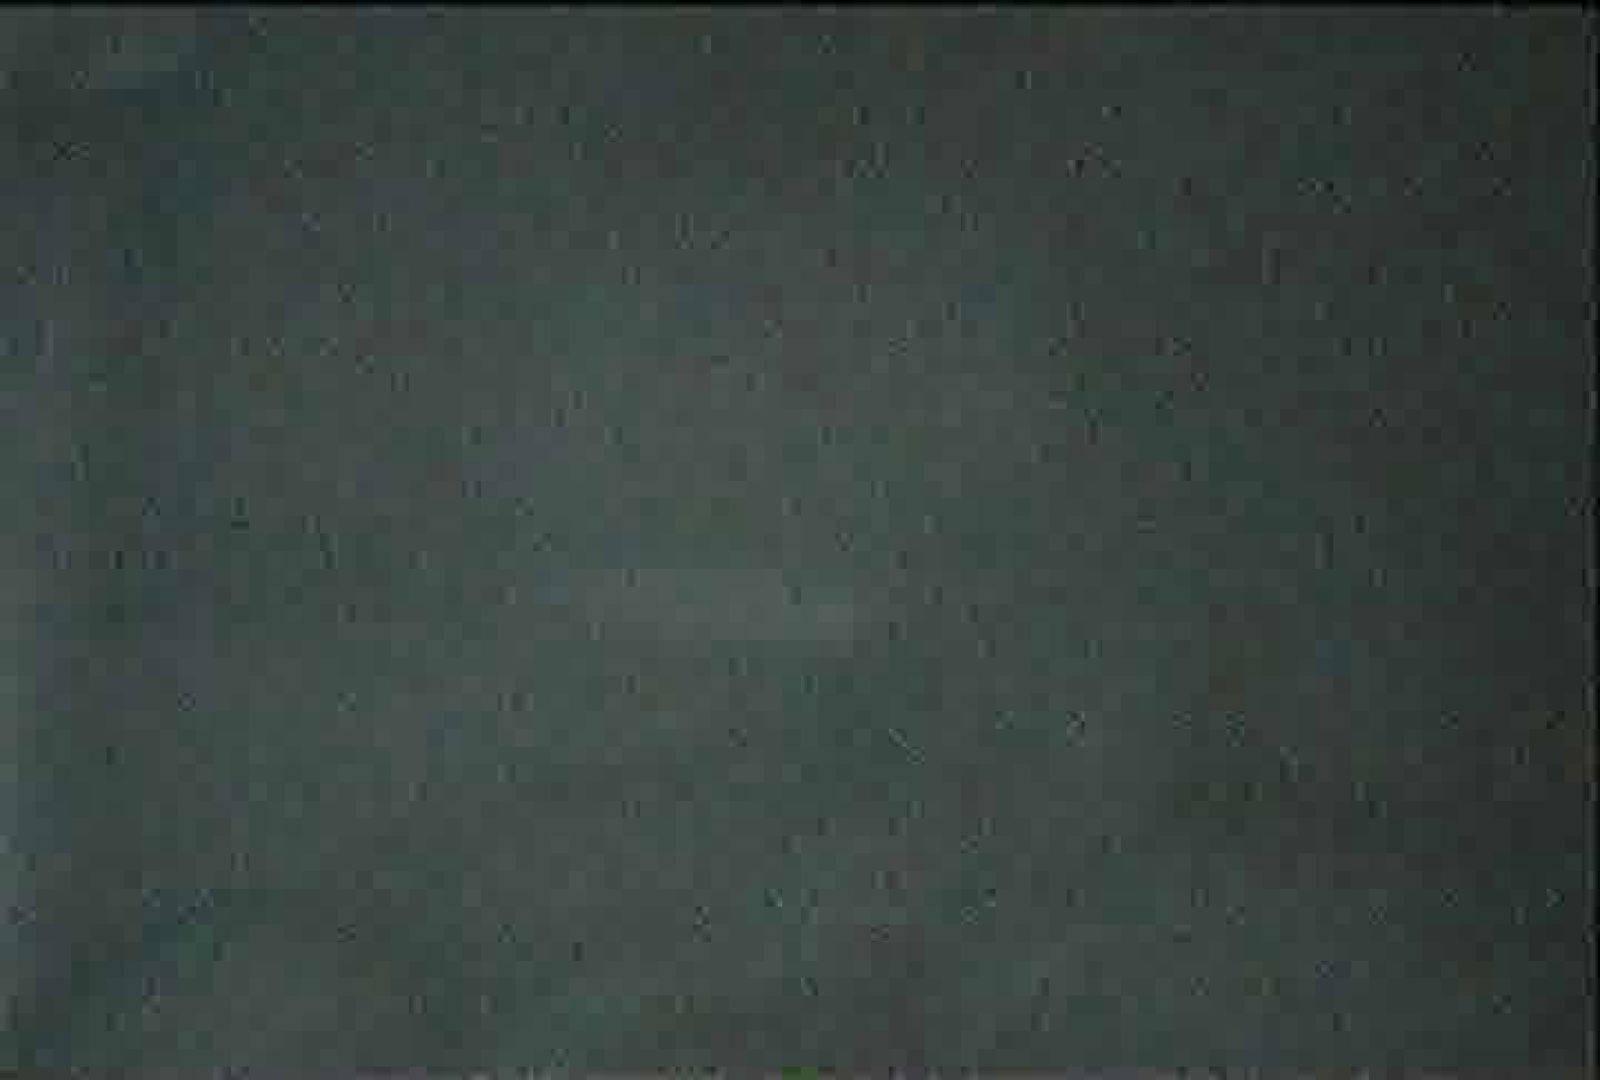 充血監督の深夜の運動会Vol.80 ギャルのエロ動画 | エッチなセックス  85画像 82